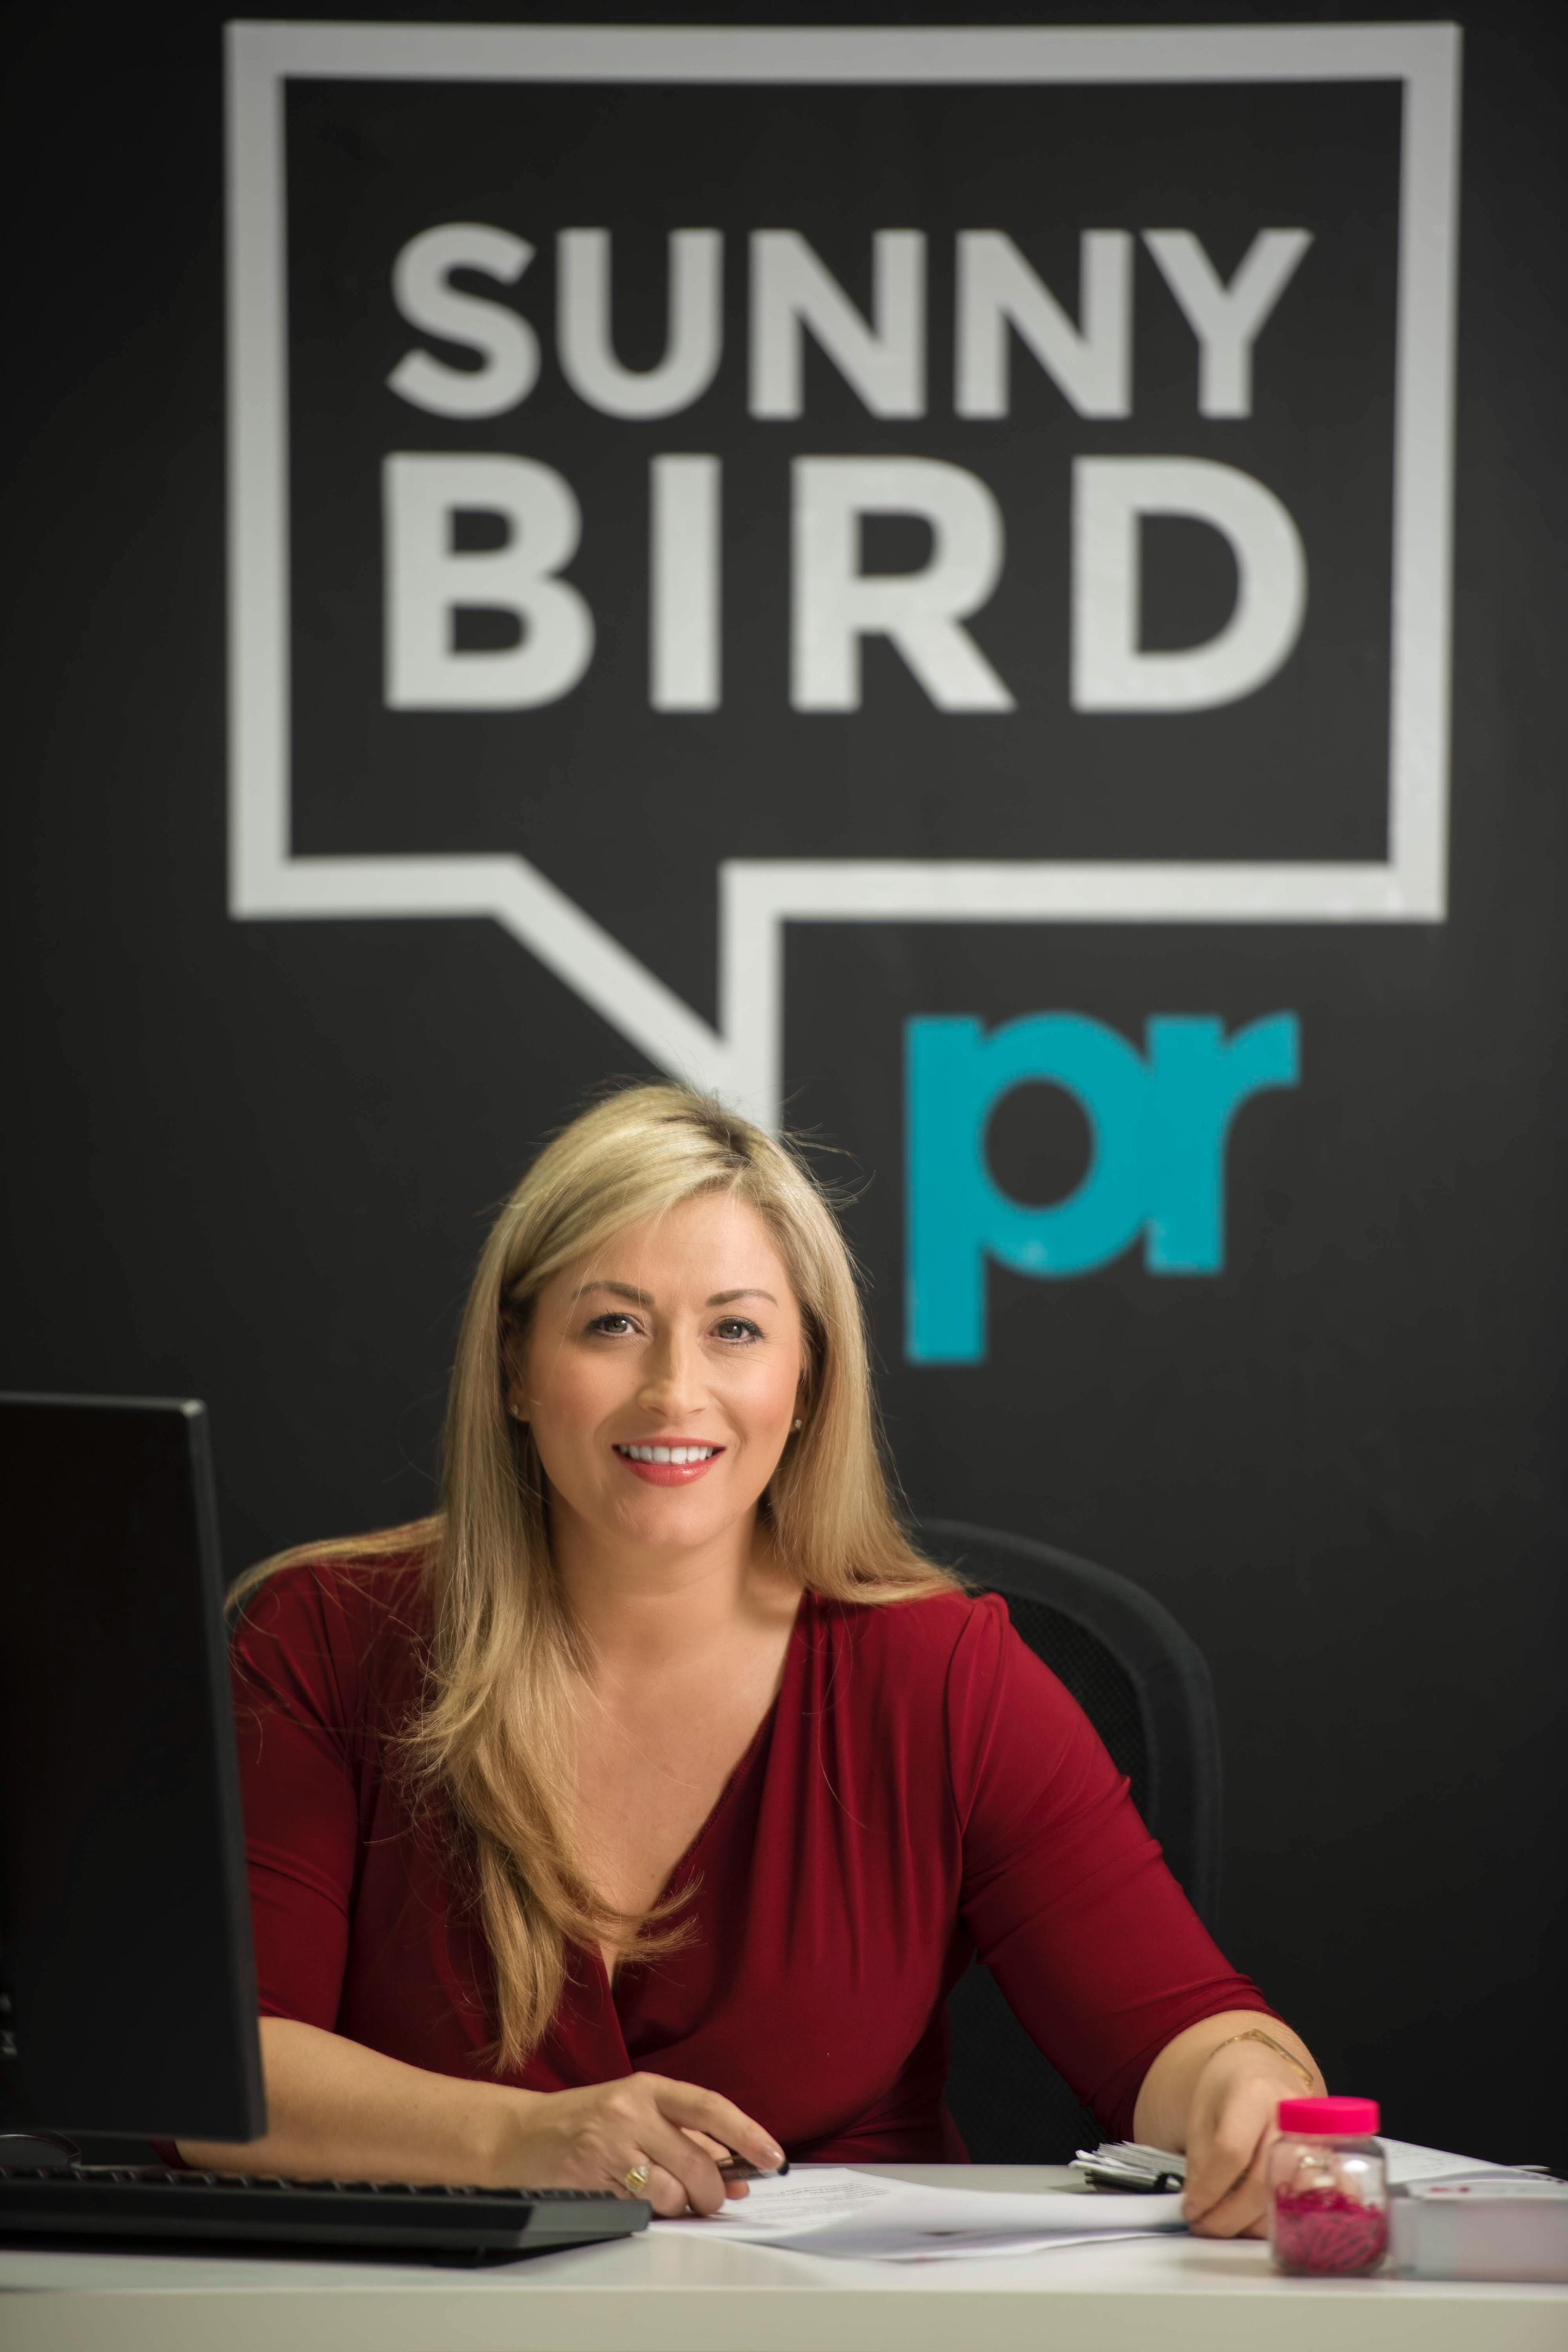 Sunny Bird PR